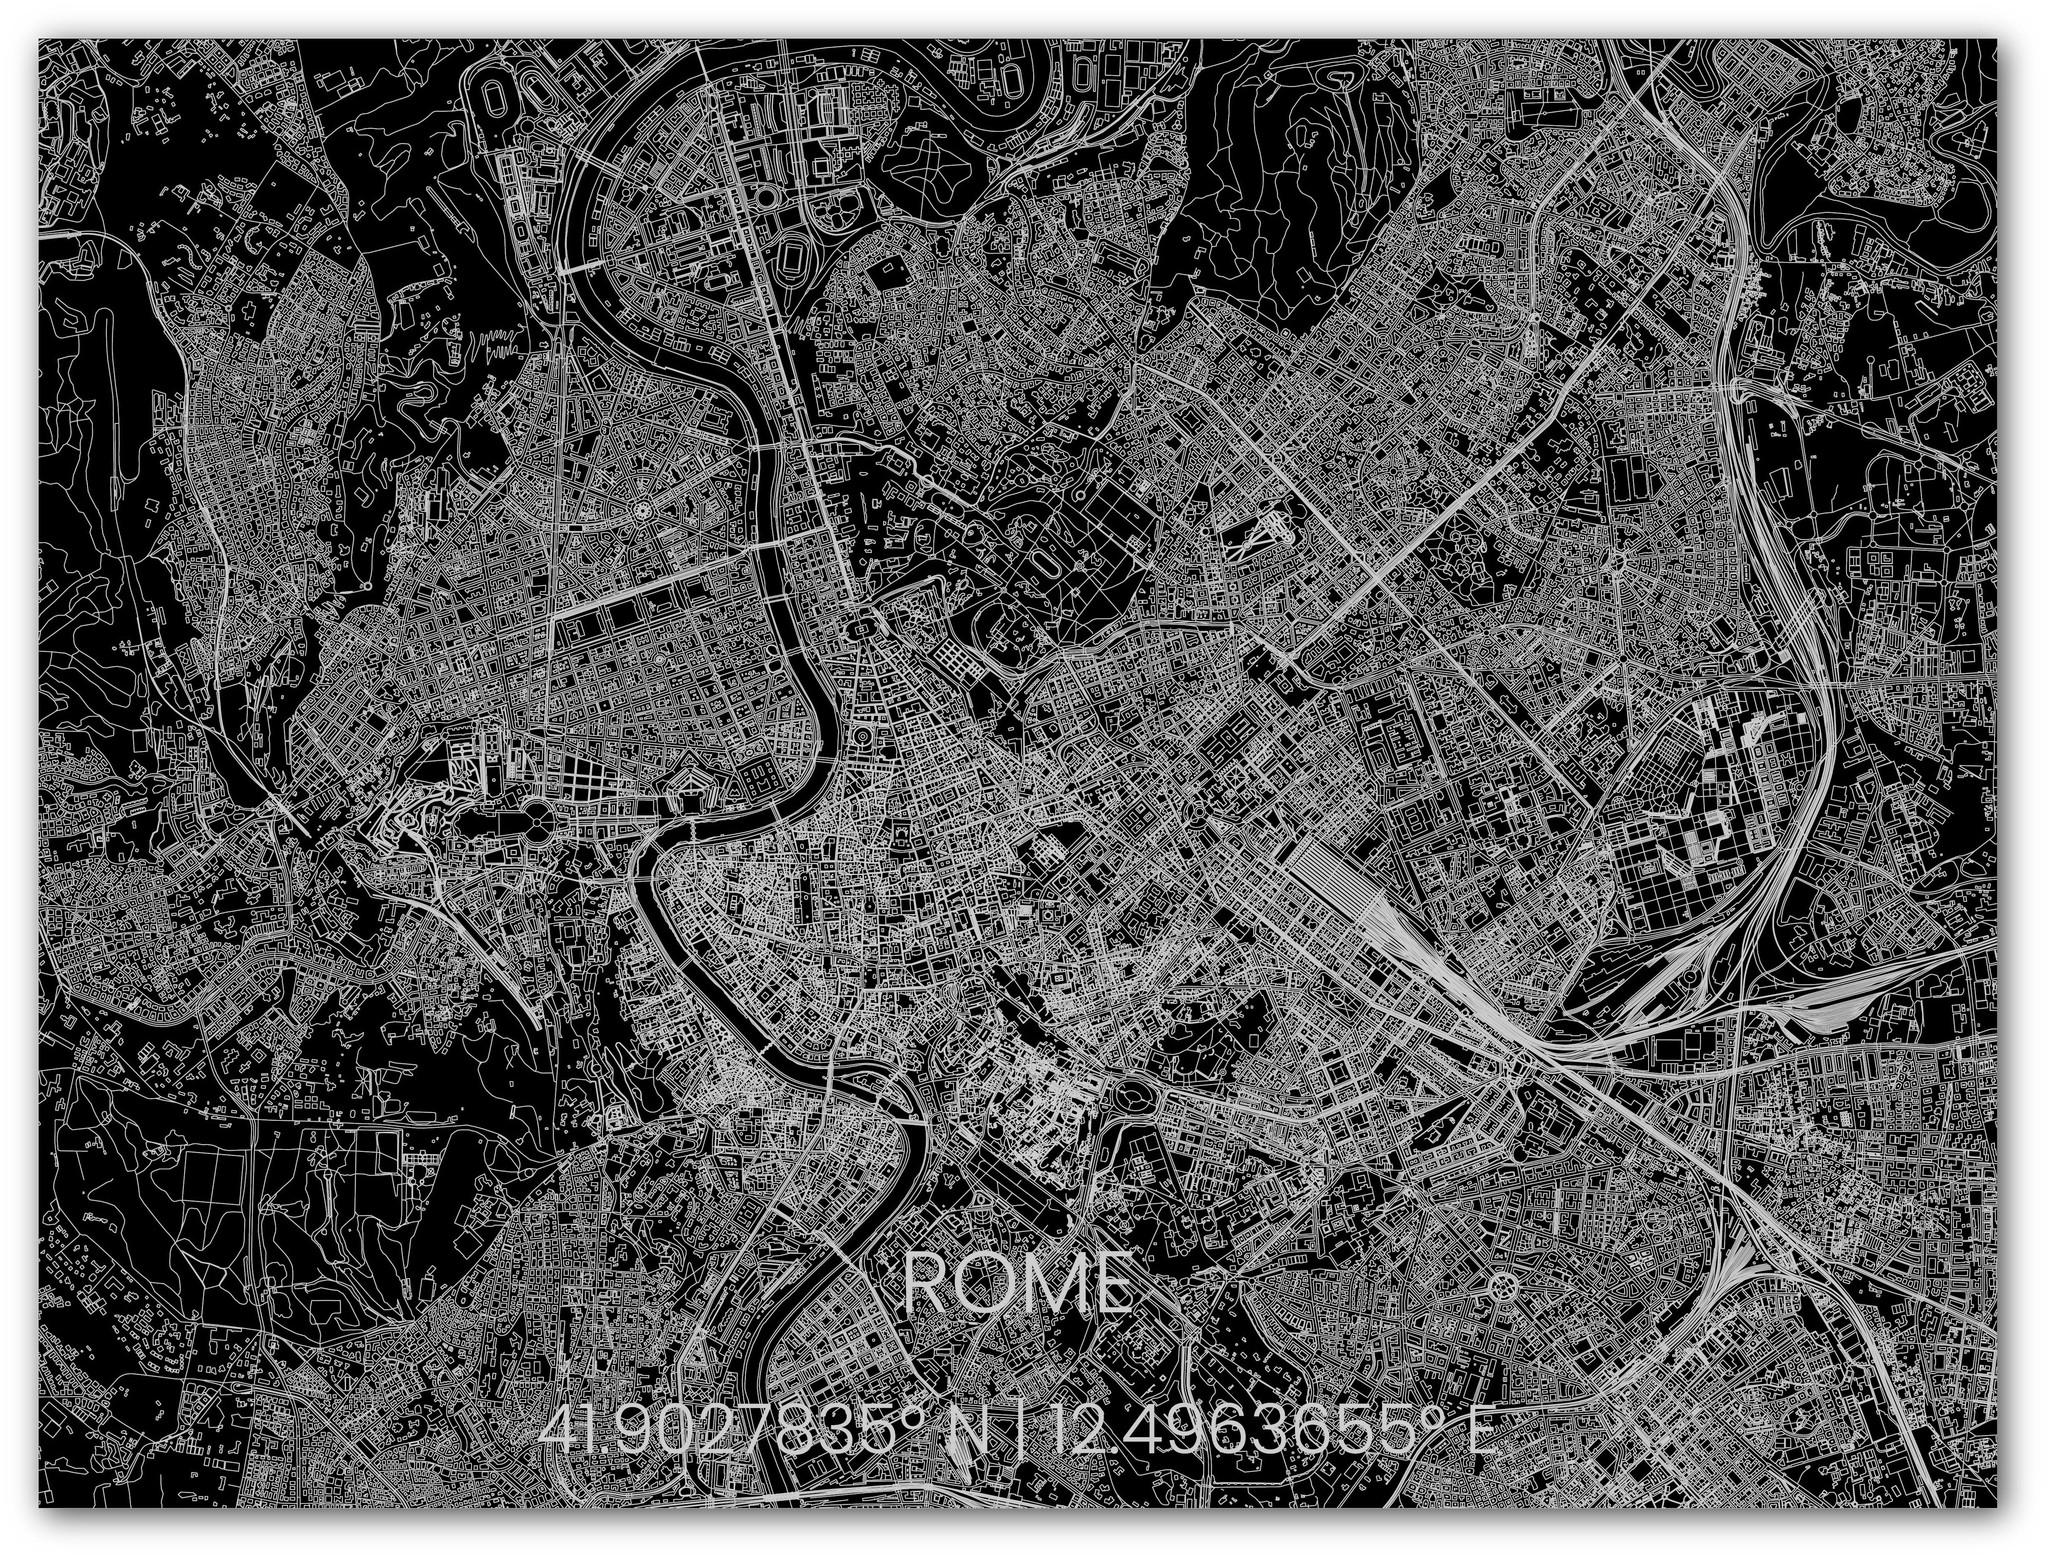 Metalen stadsplattegrond Rome-2